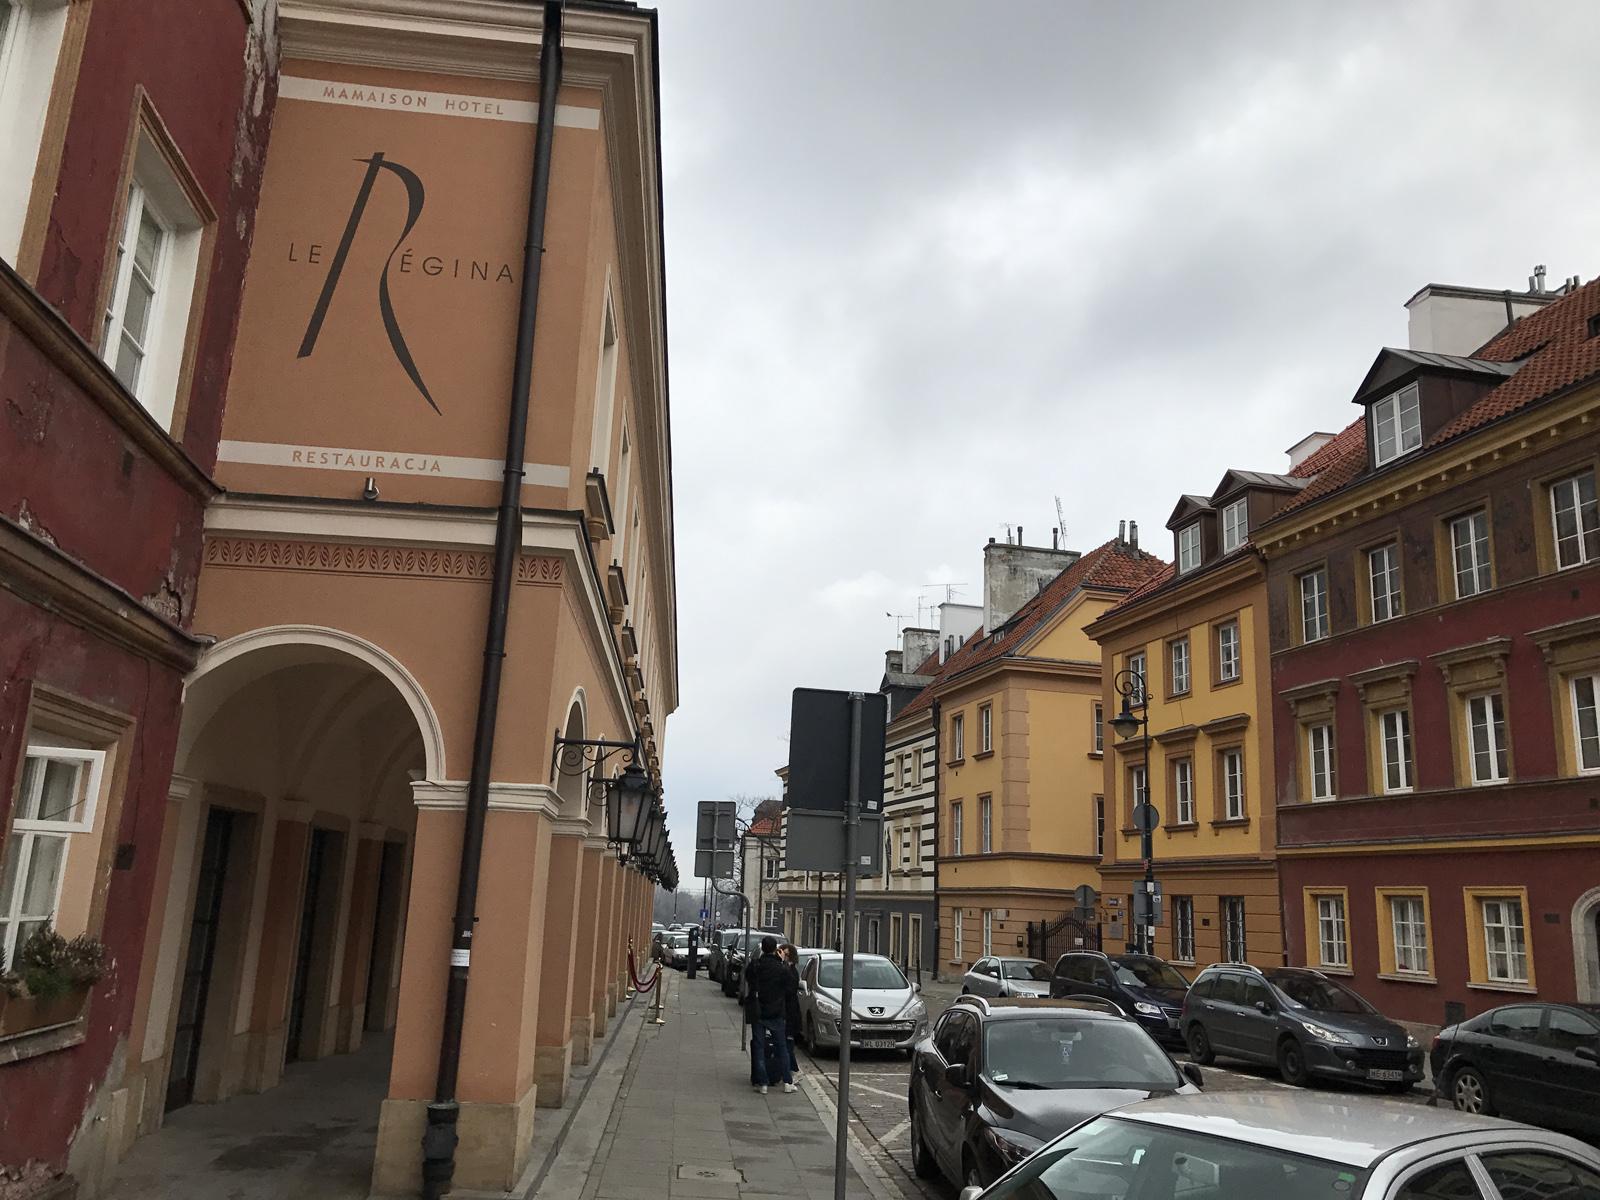 Boutiquehotell i Warszawa - Mamaison Hotel Le Régina Warsaw